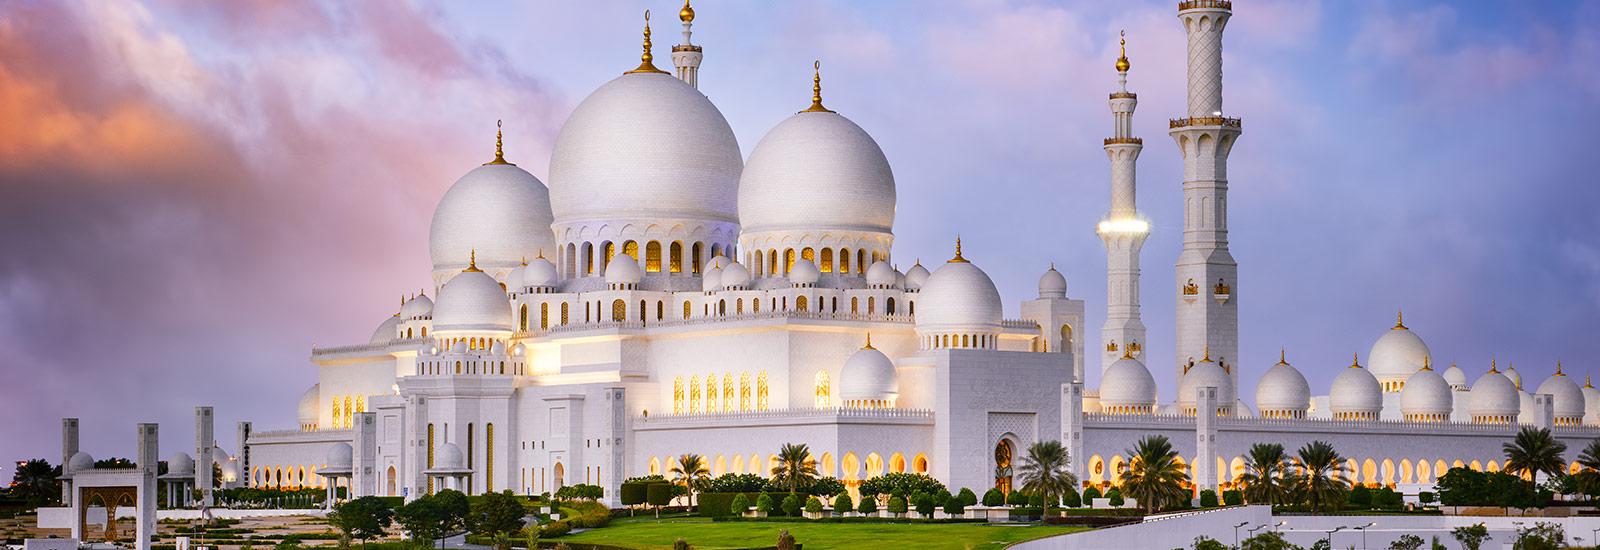 header-image-united-arab-emirates